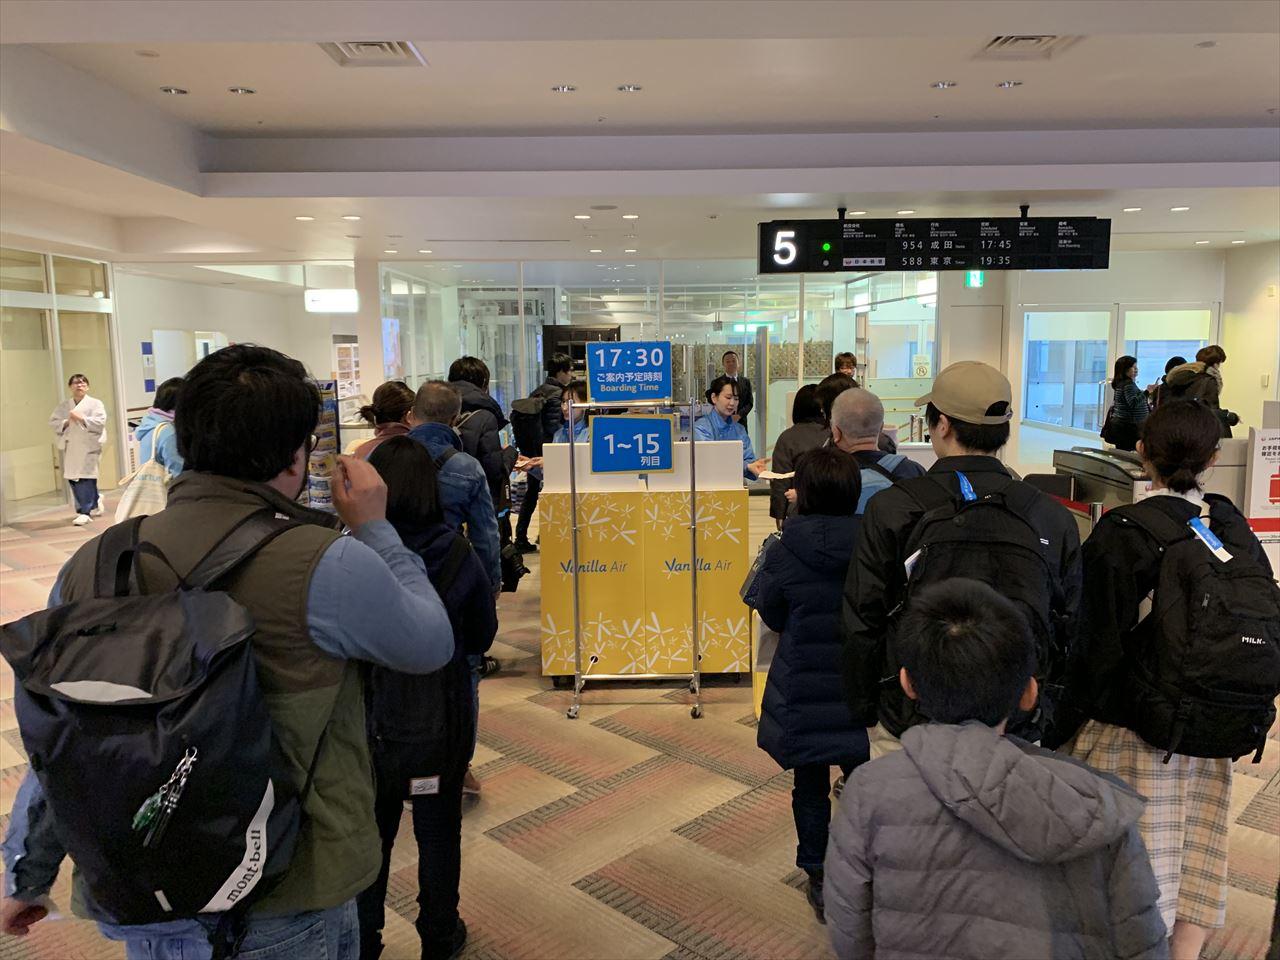 函館発成田行JW954便搭乗開始